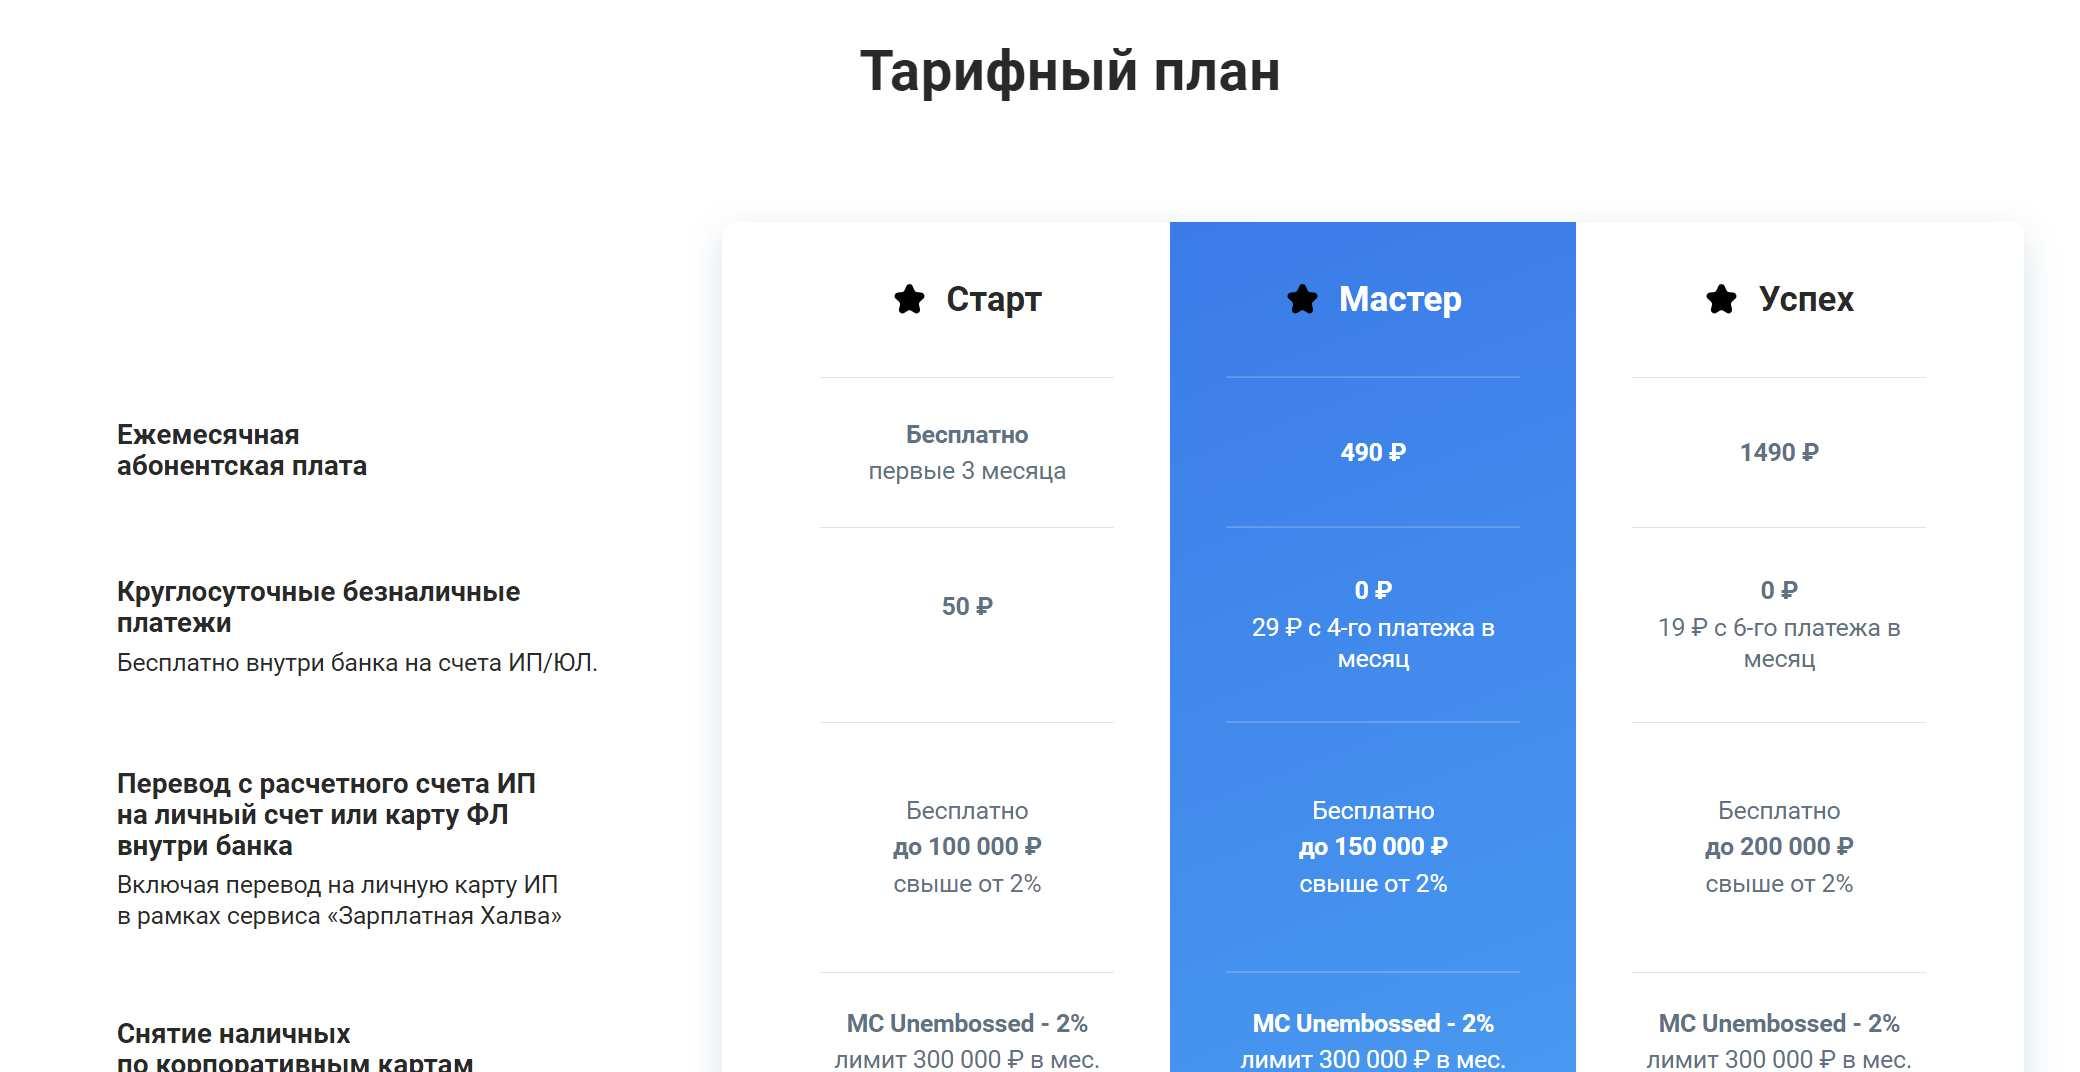 Тарифы на счет для ИП Совкомбанка